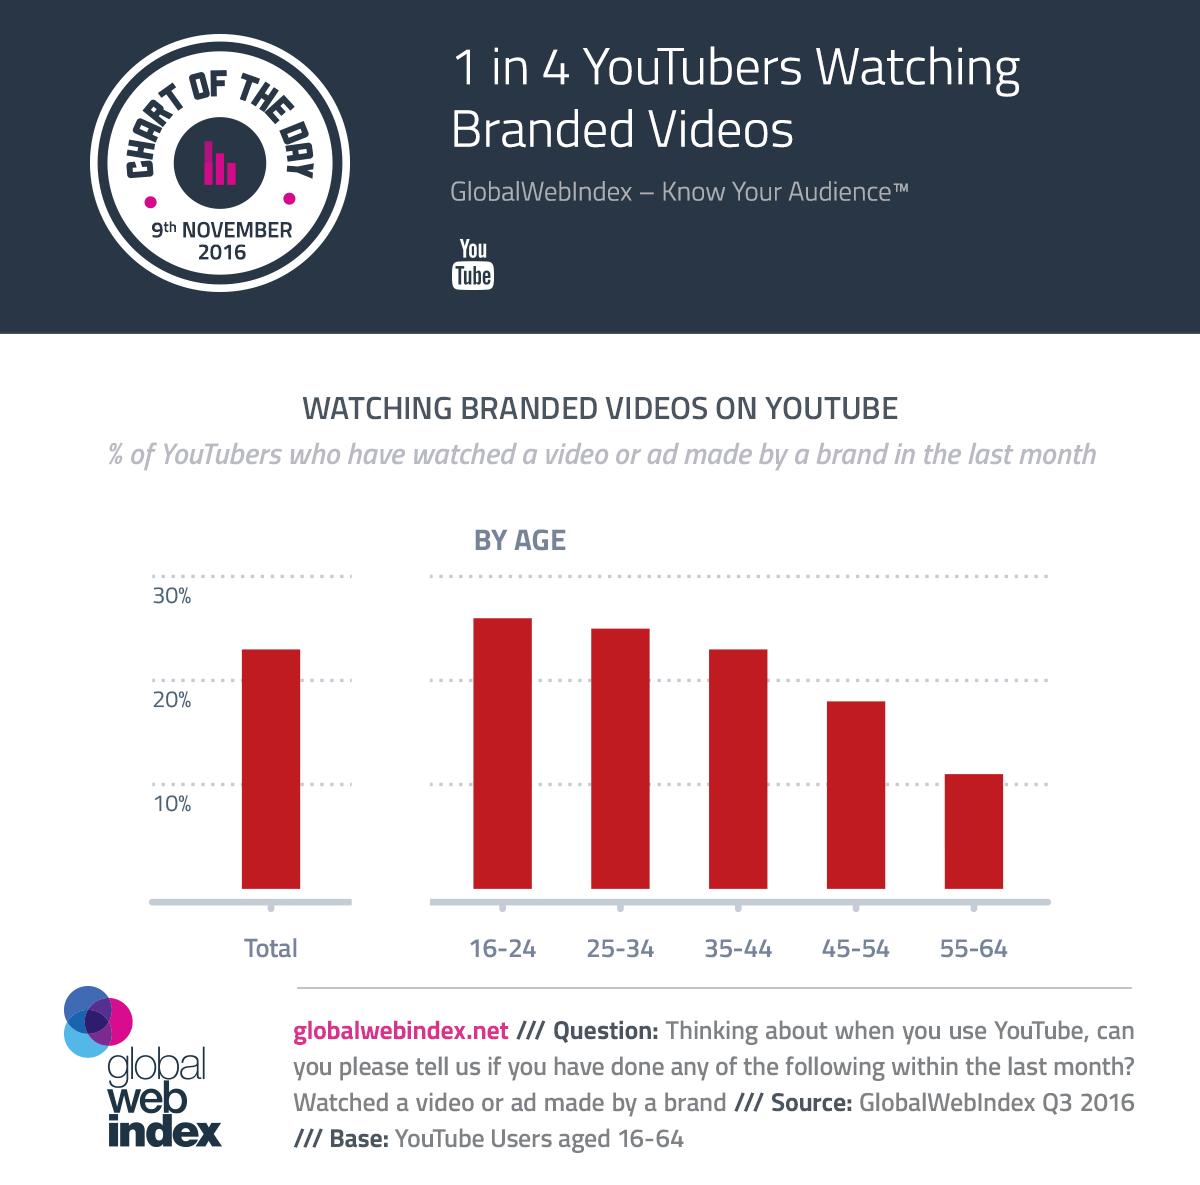 1 in 4 YouTubers Watching Branded Videos